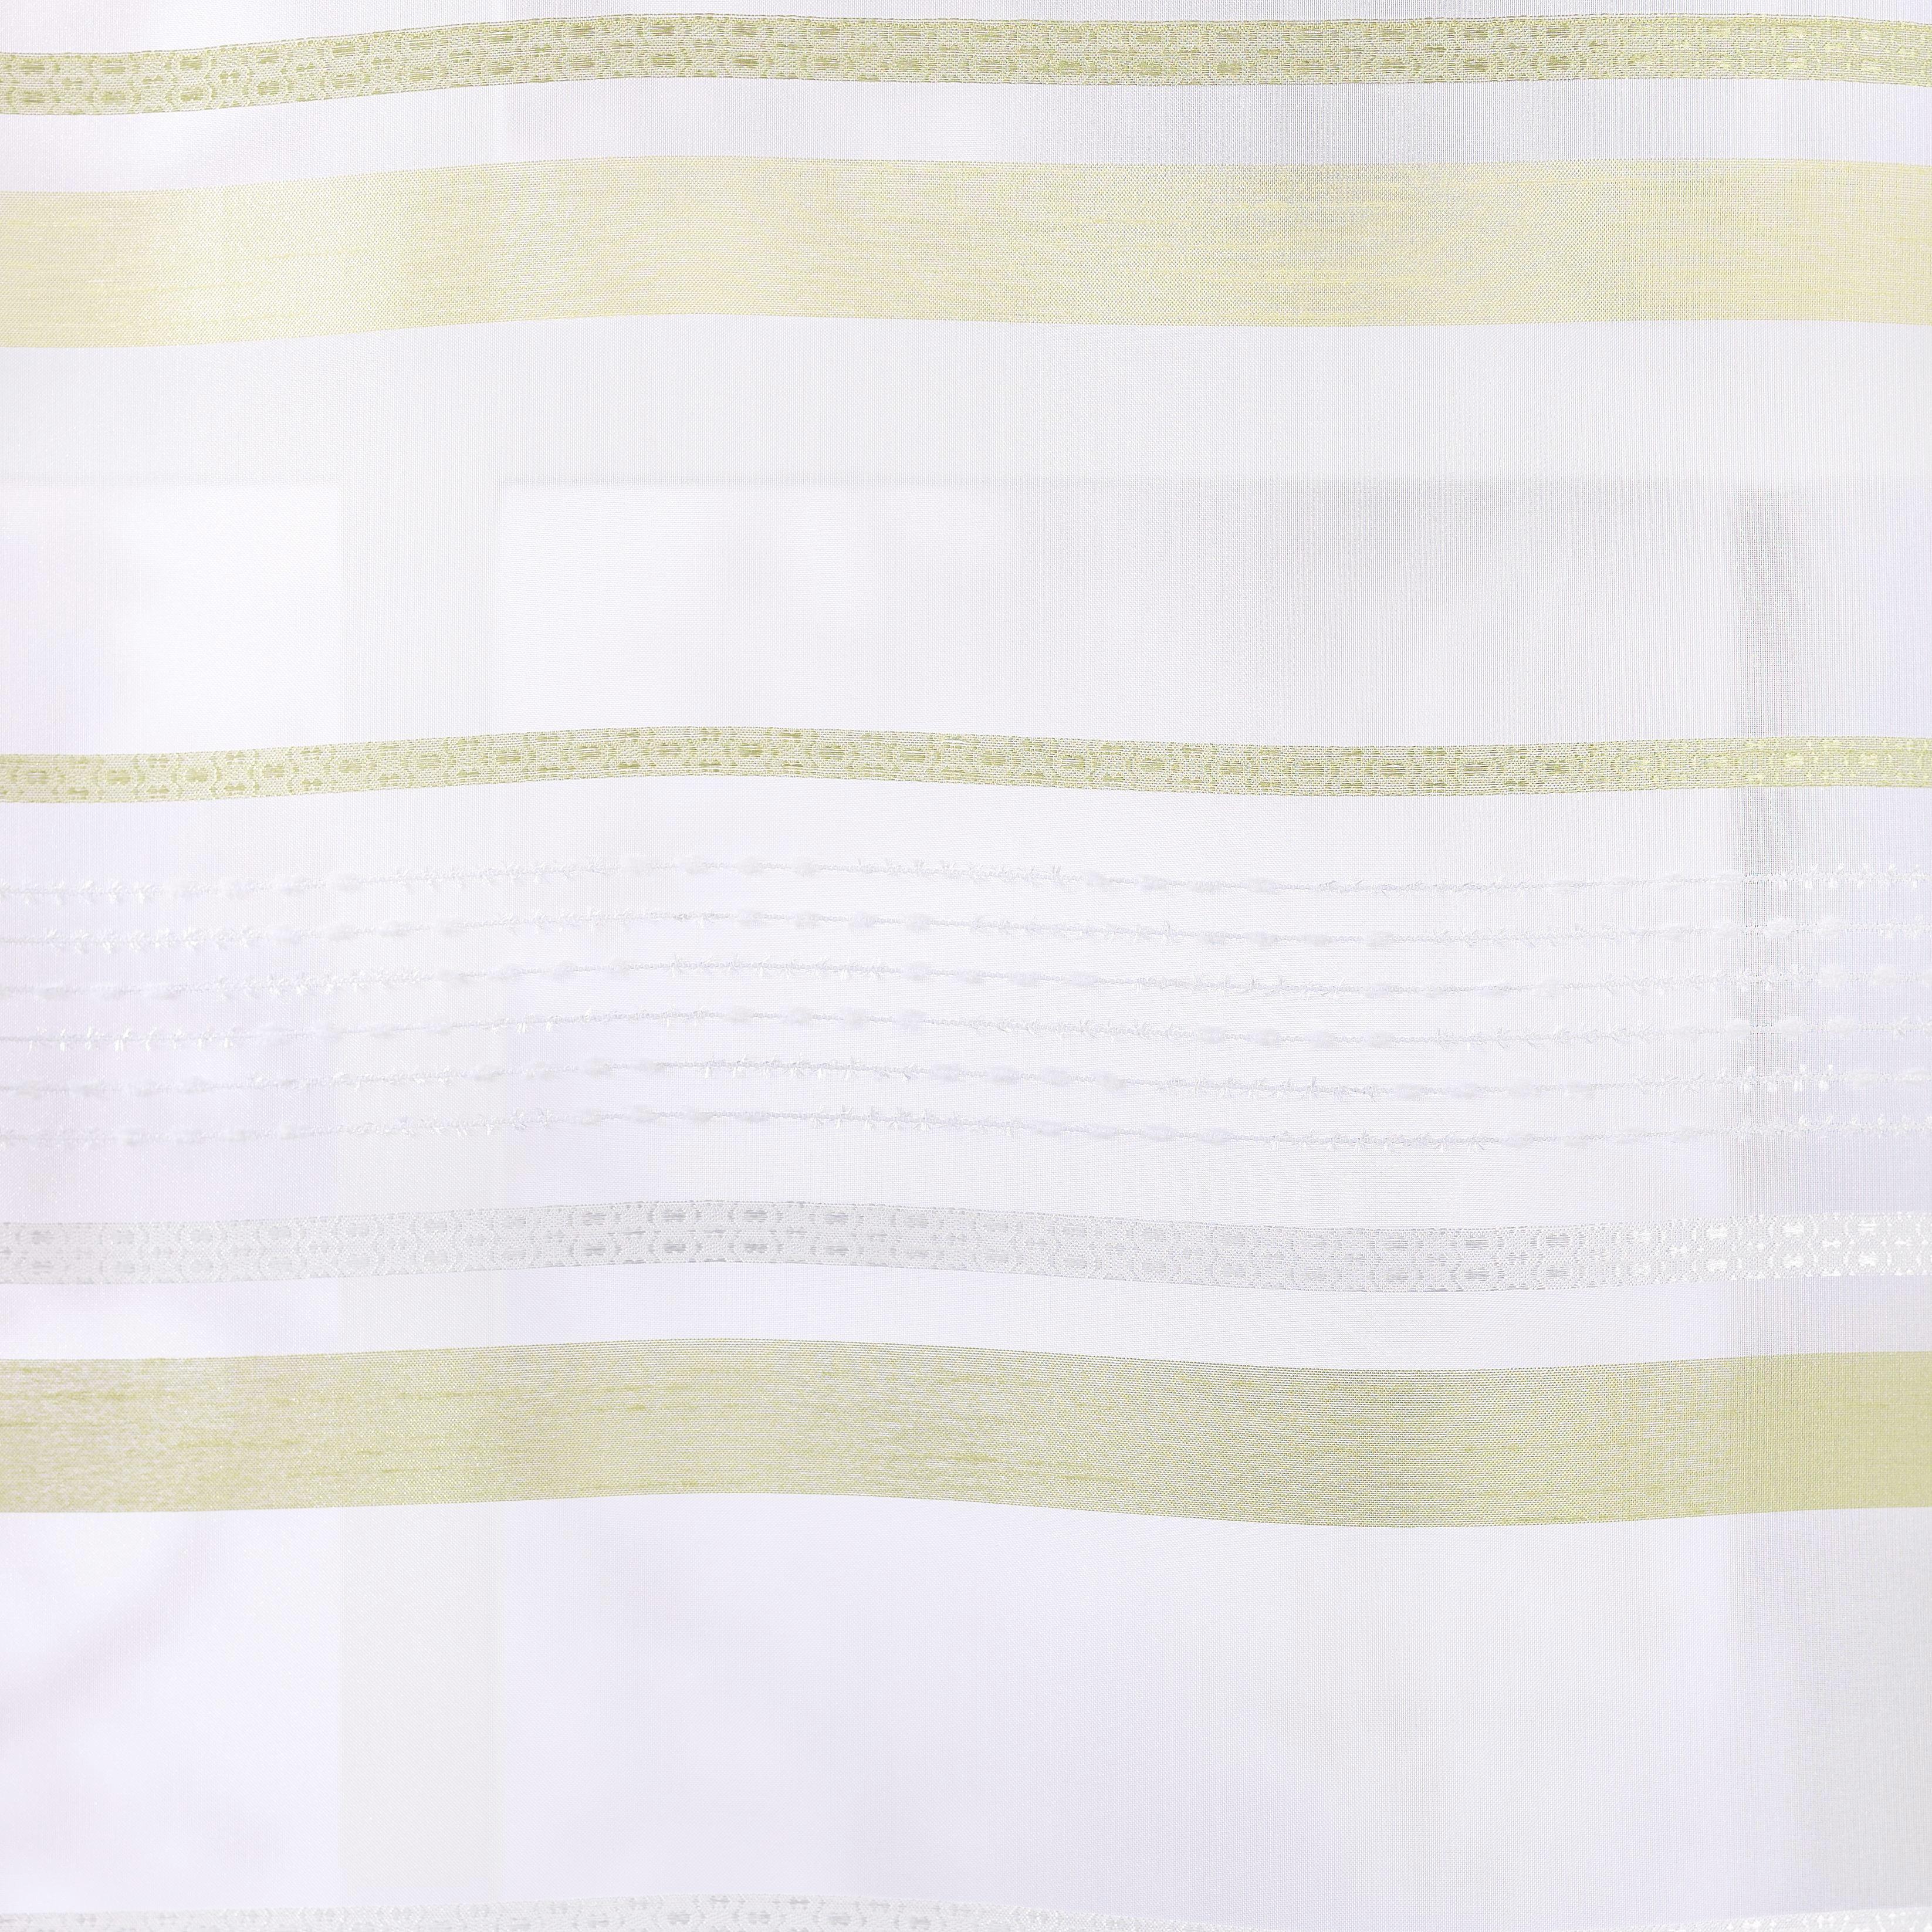 Schlaufenvorhang Adele in Grün, ca. 140x245cm - Grün, KONVENTIONELL, Textil (140/245cm) - MÖMAX modern living